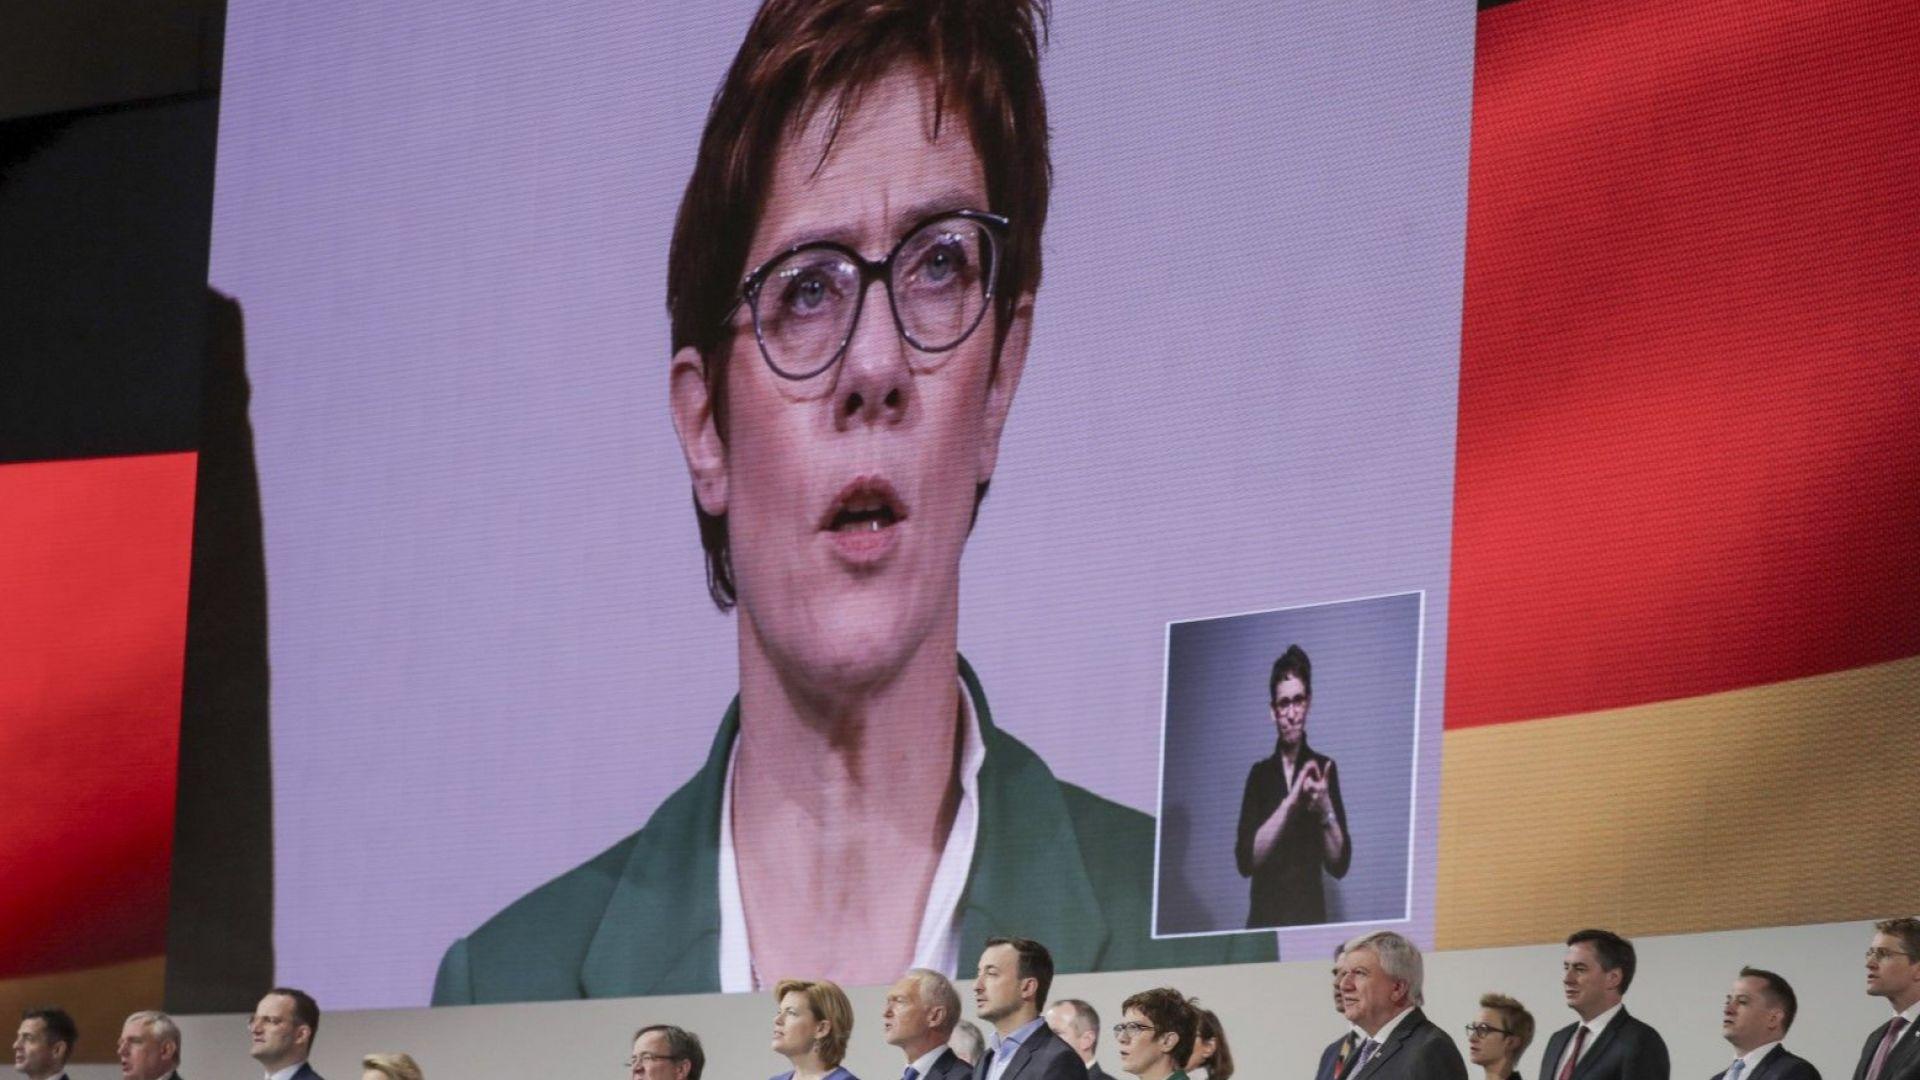 Анегрет Крамп-Каренбауер е новата председателка на Християндемократическия съюз (ХДС). Така